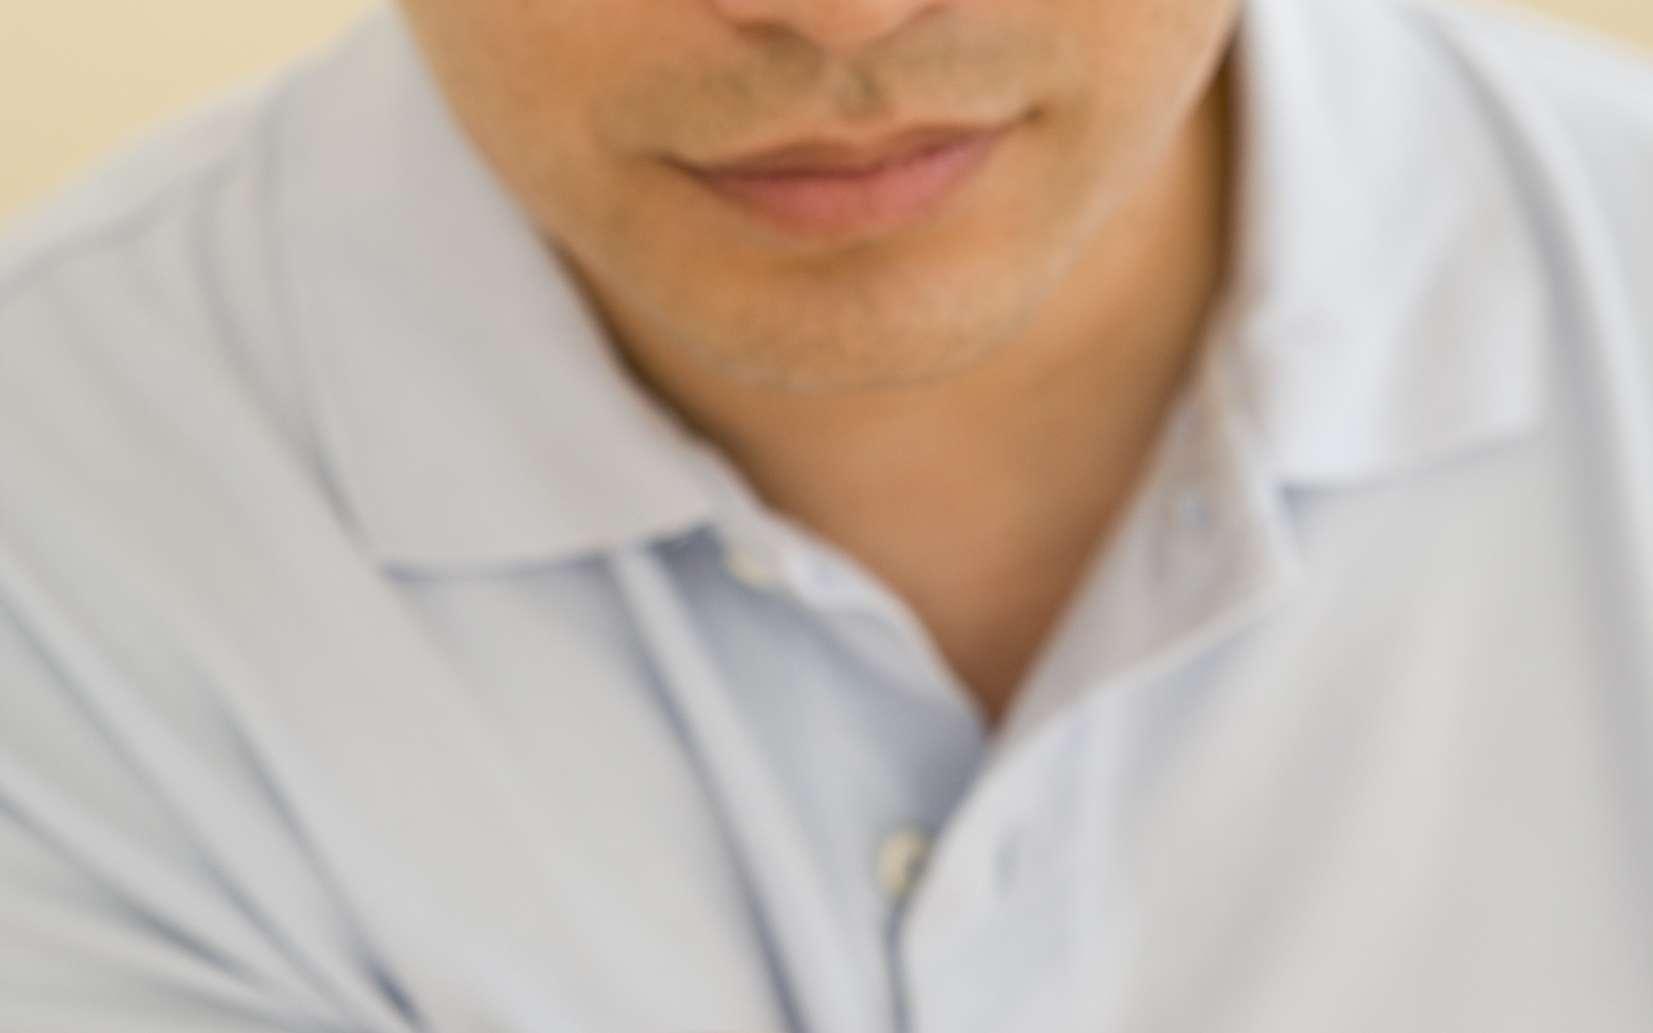 Les cyclines peuvent provoquer l'apparition de taches jaunes sur les dents. ©Phovoir